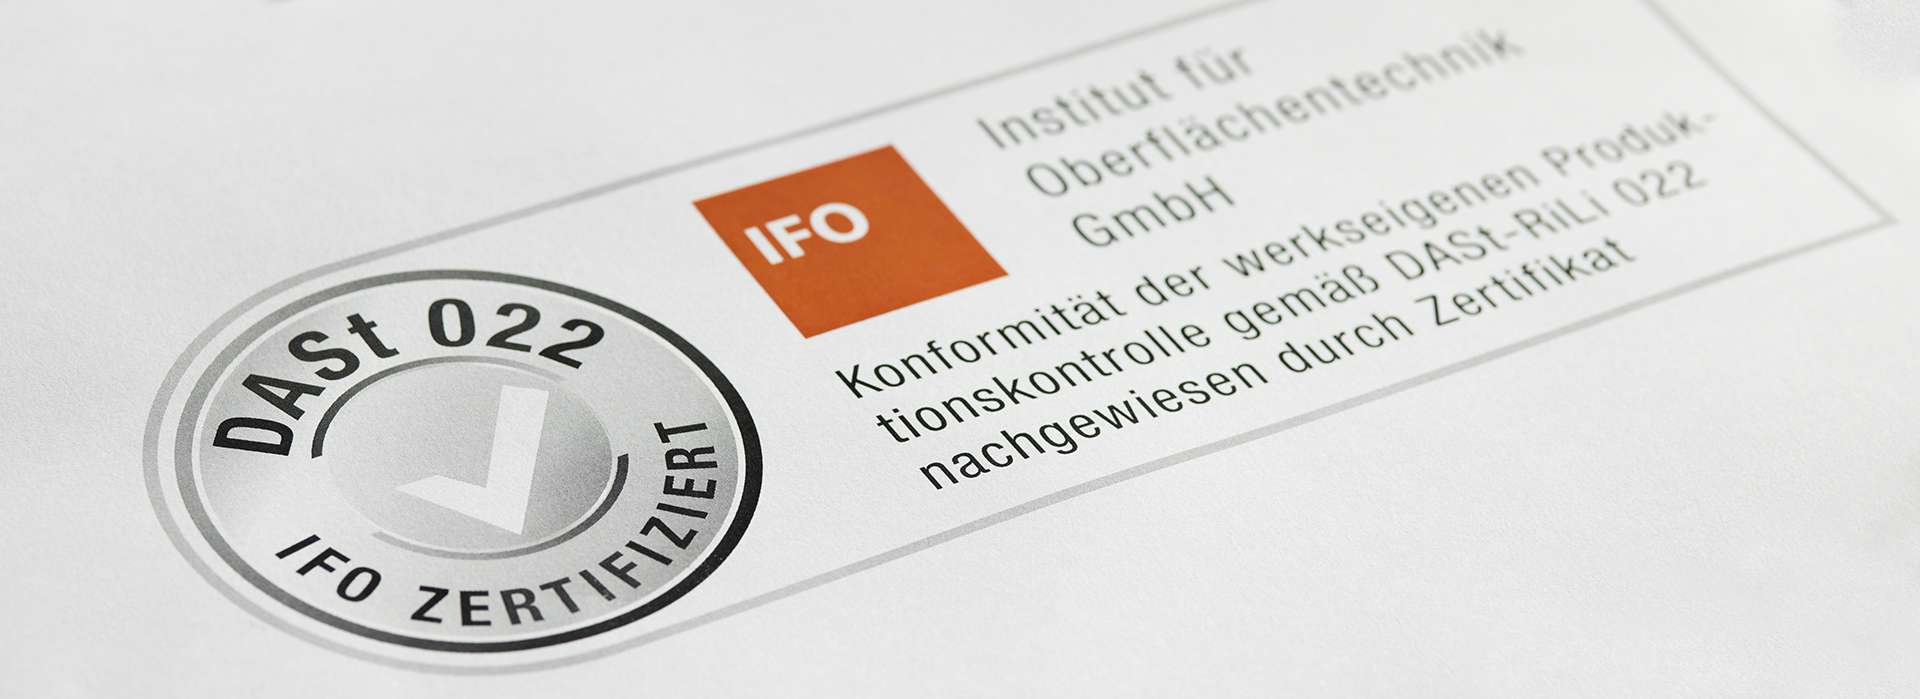 Certificates / IFO Institut für Oberflächentechnik